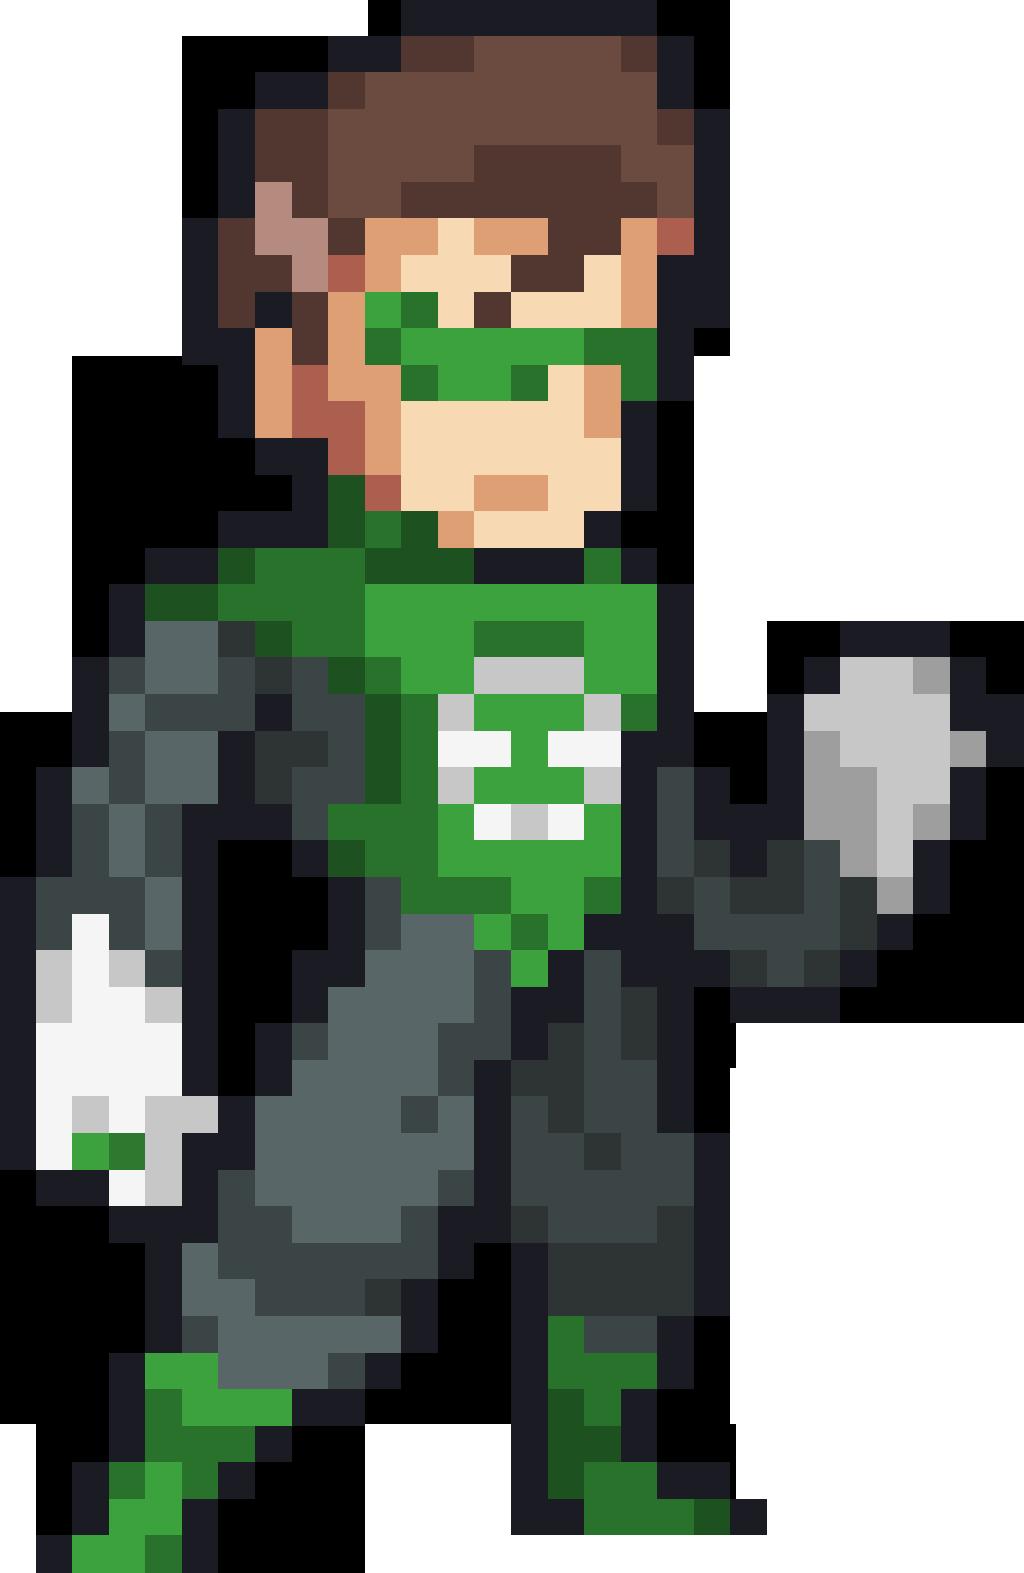 Green Lantern Pixel Art Pattern